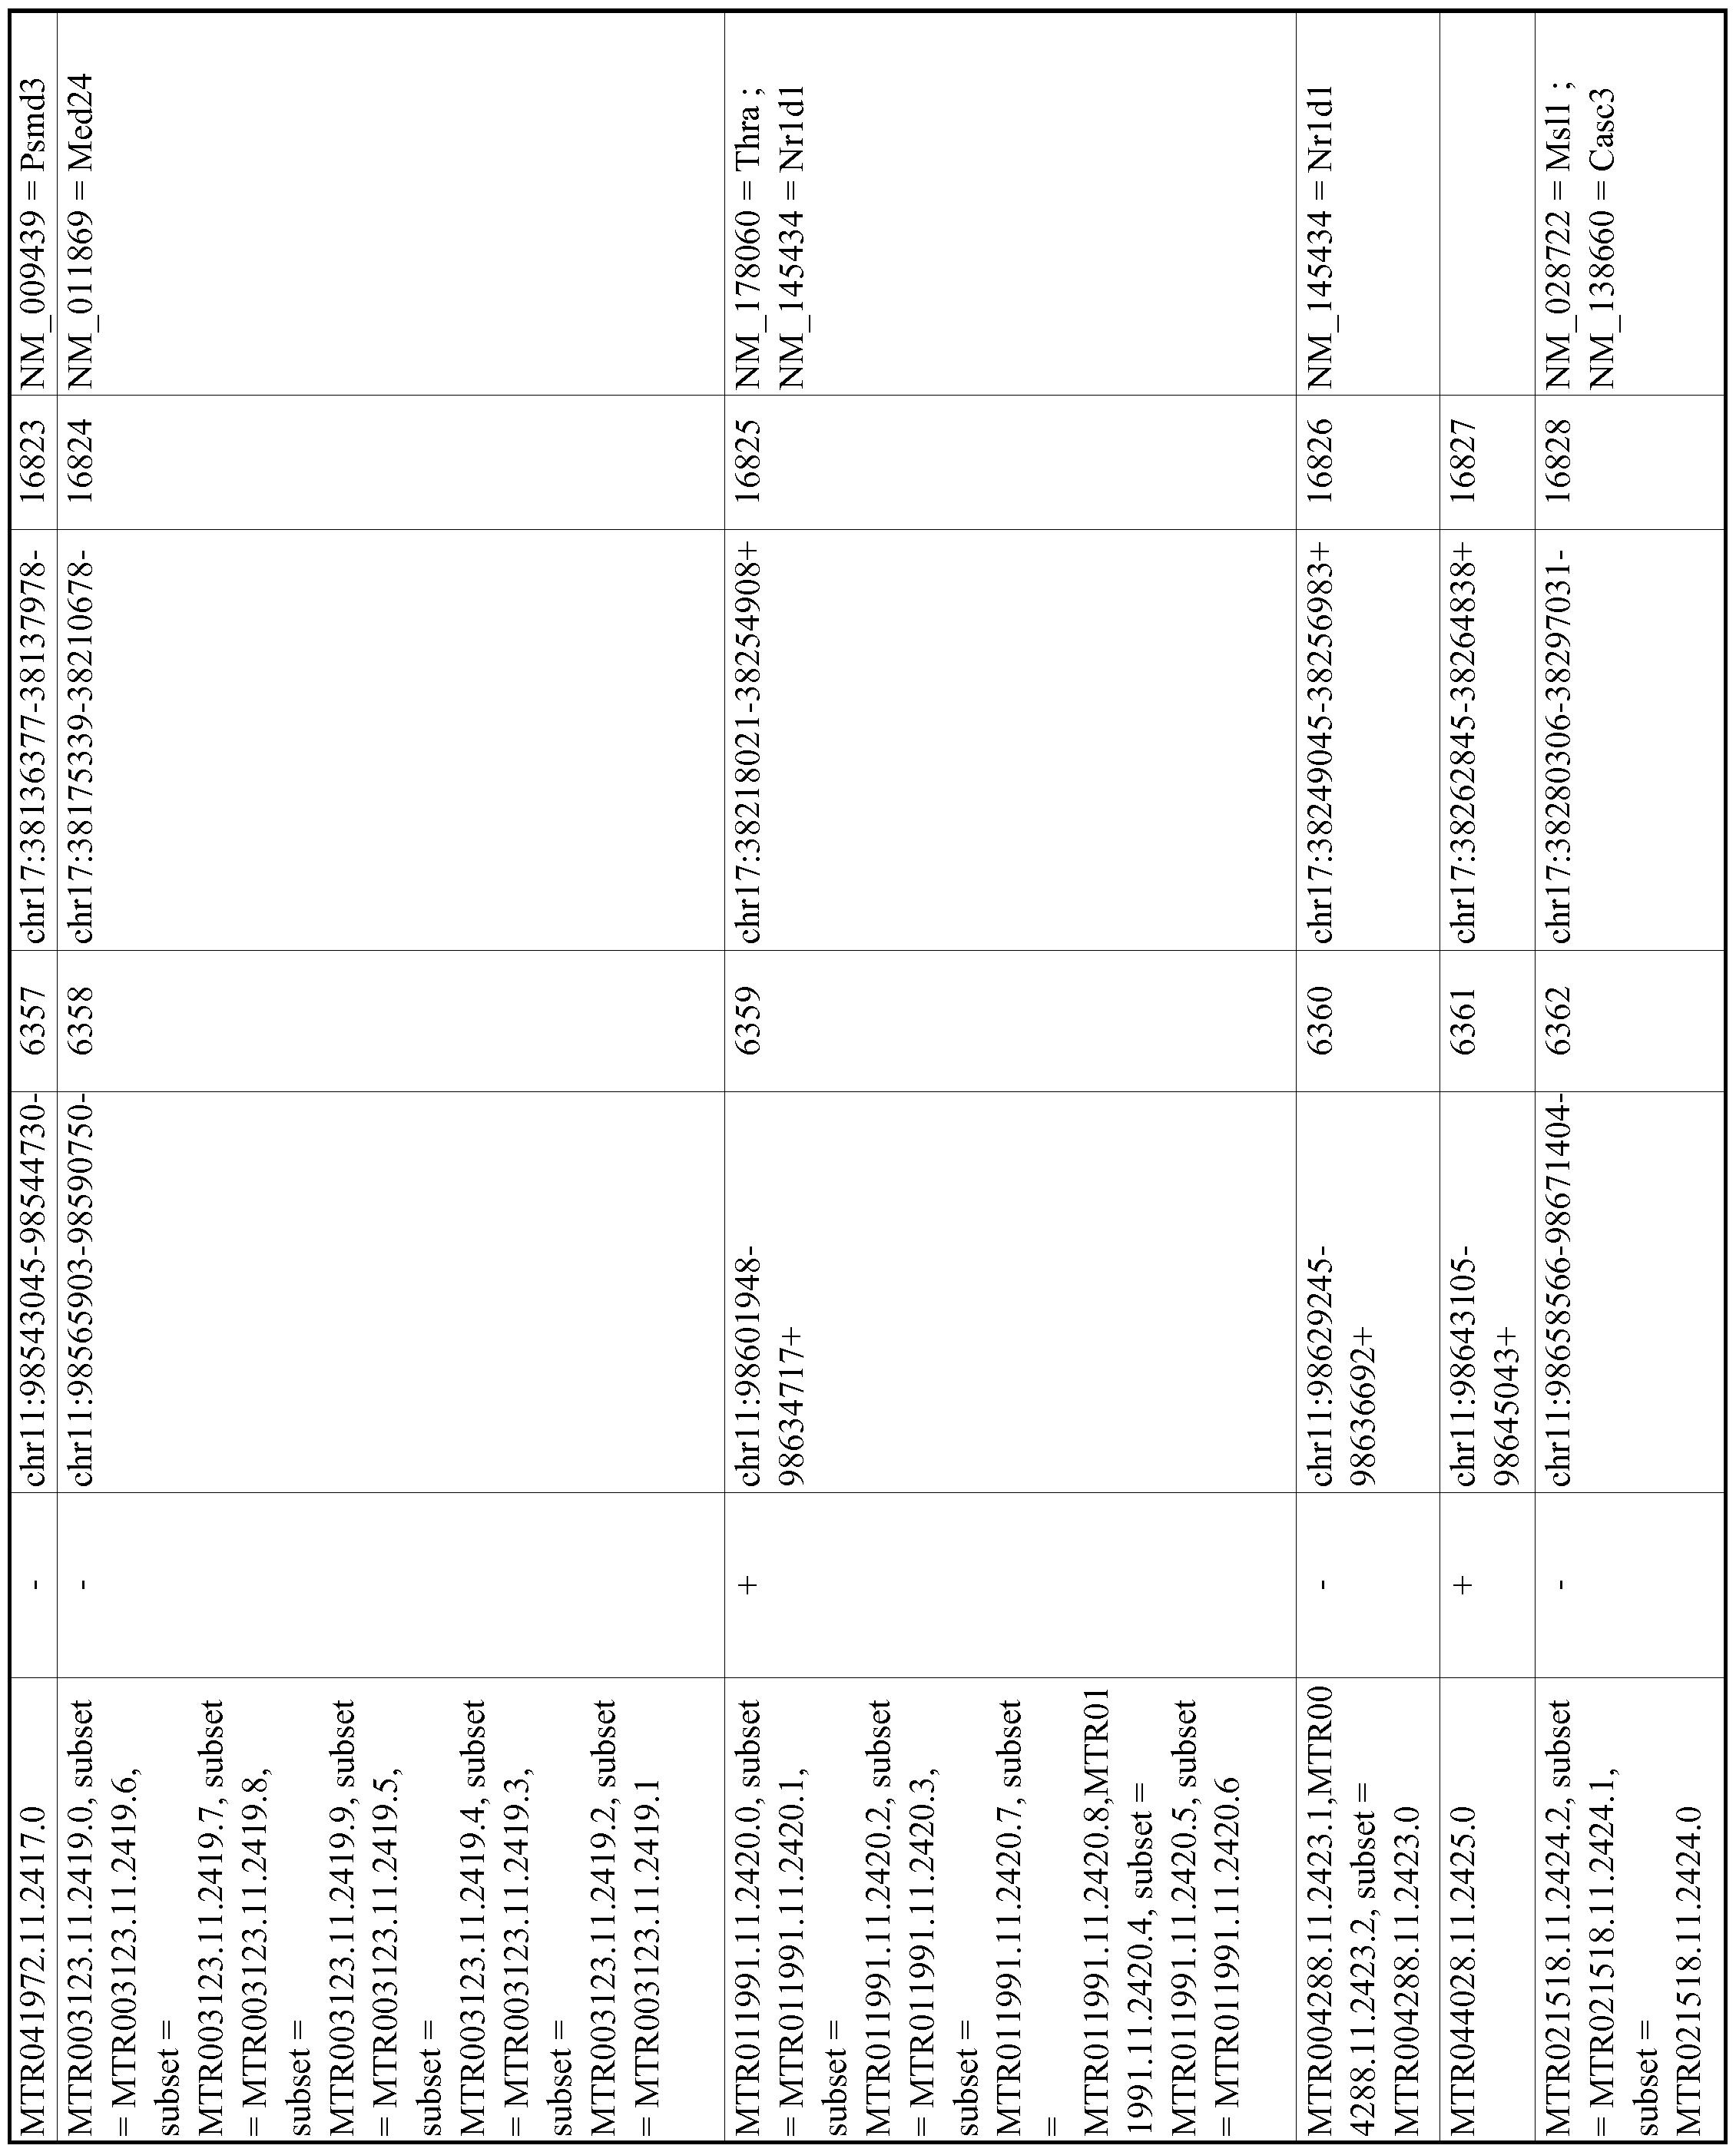 Figure imgf001140_0001